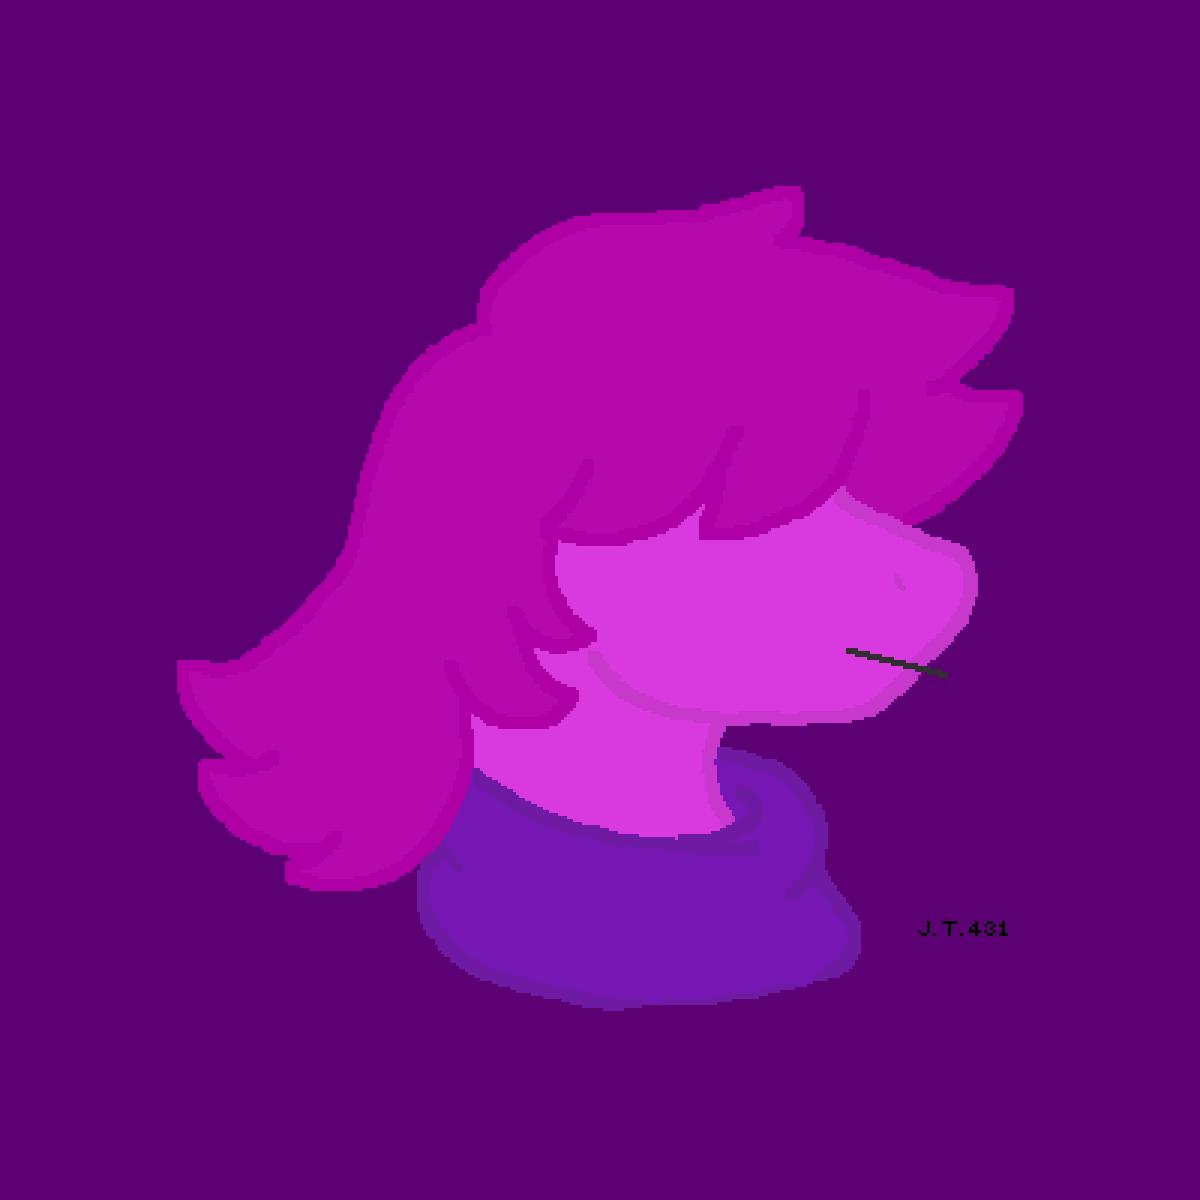 Susie from Deltarune